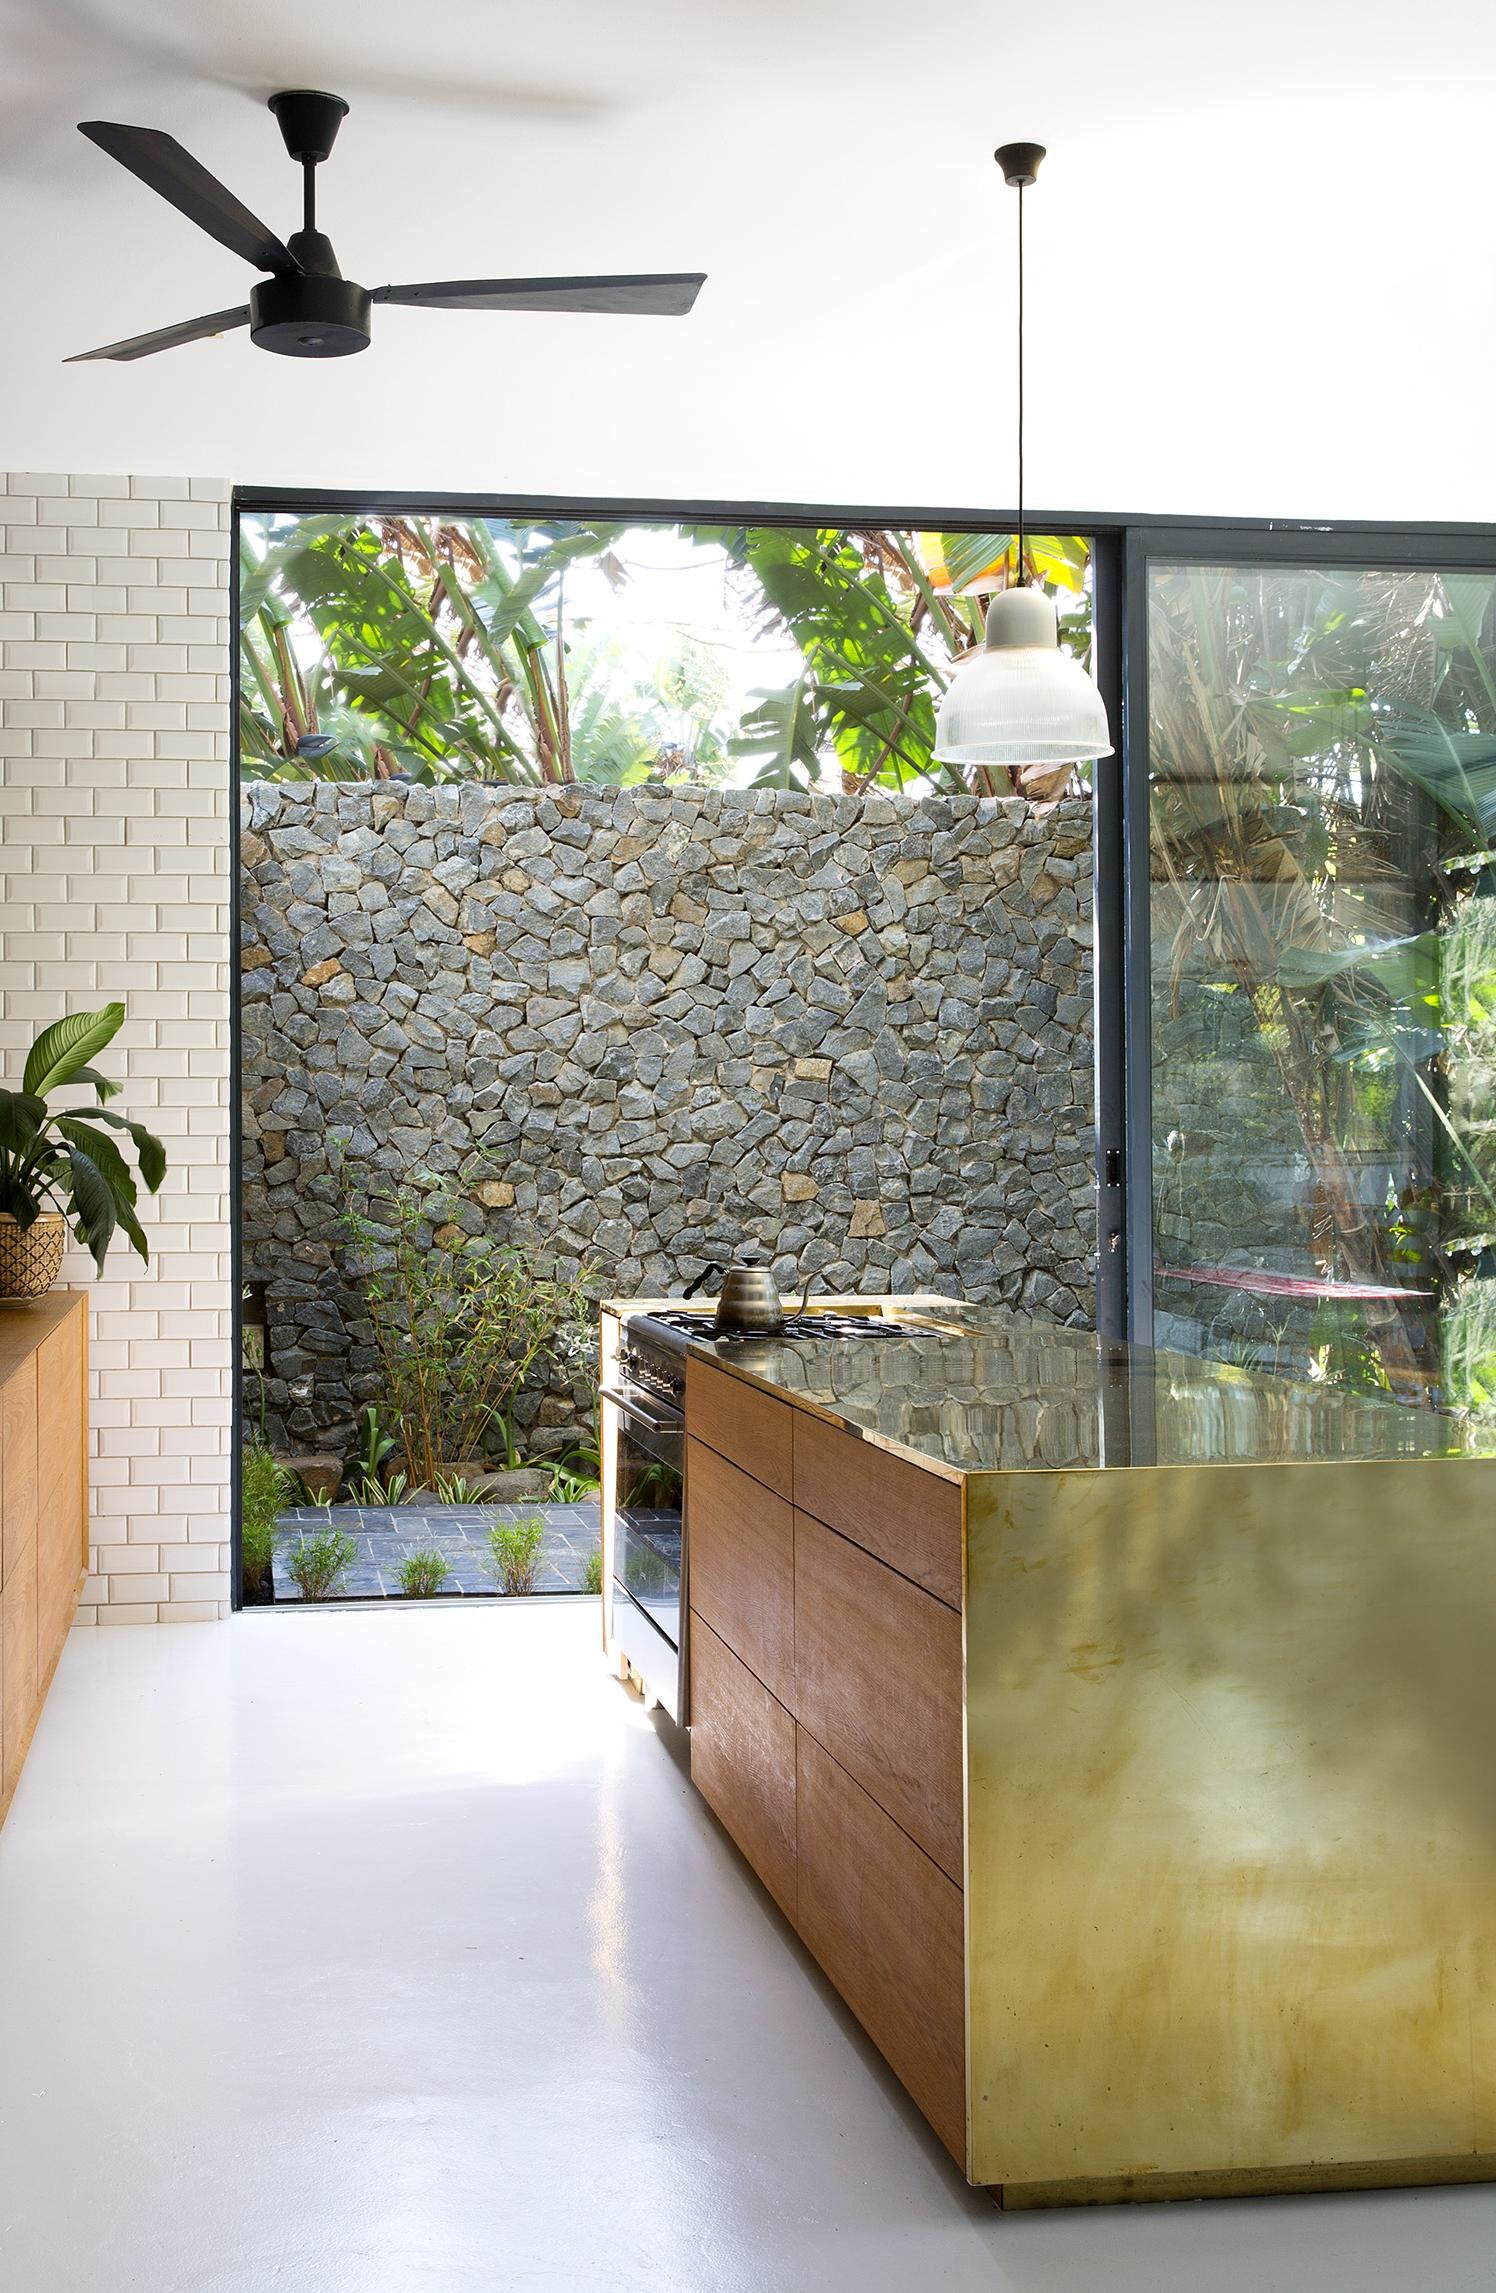 julia-rutherfoord-architect-kitchen-2017-04.jpg